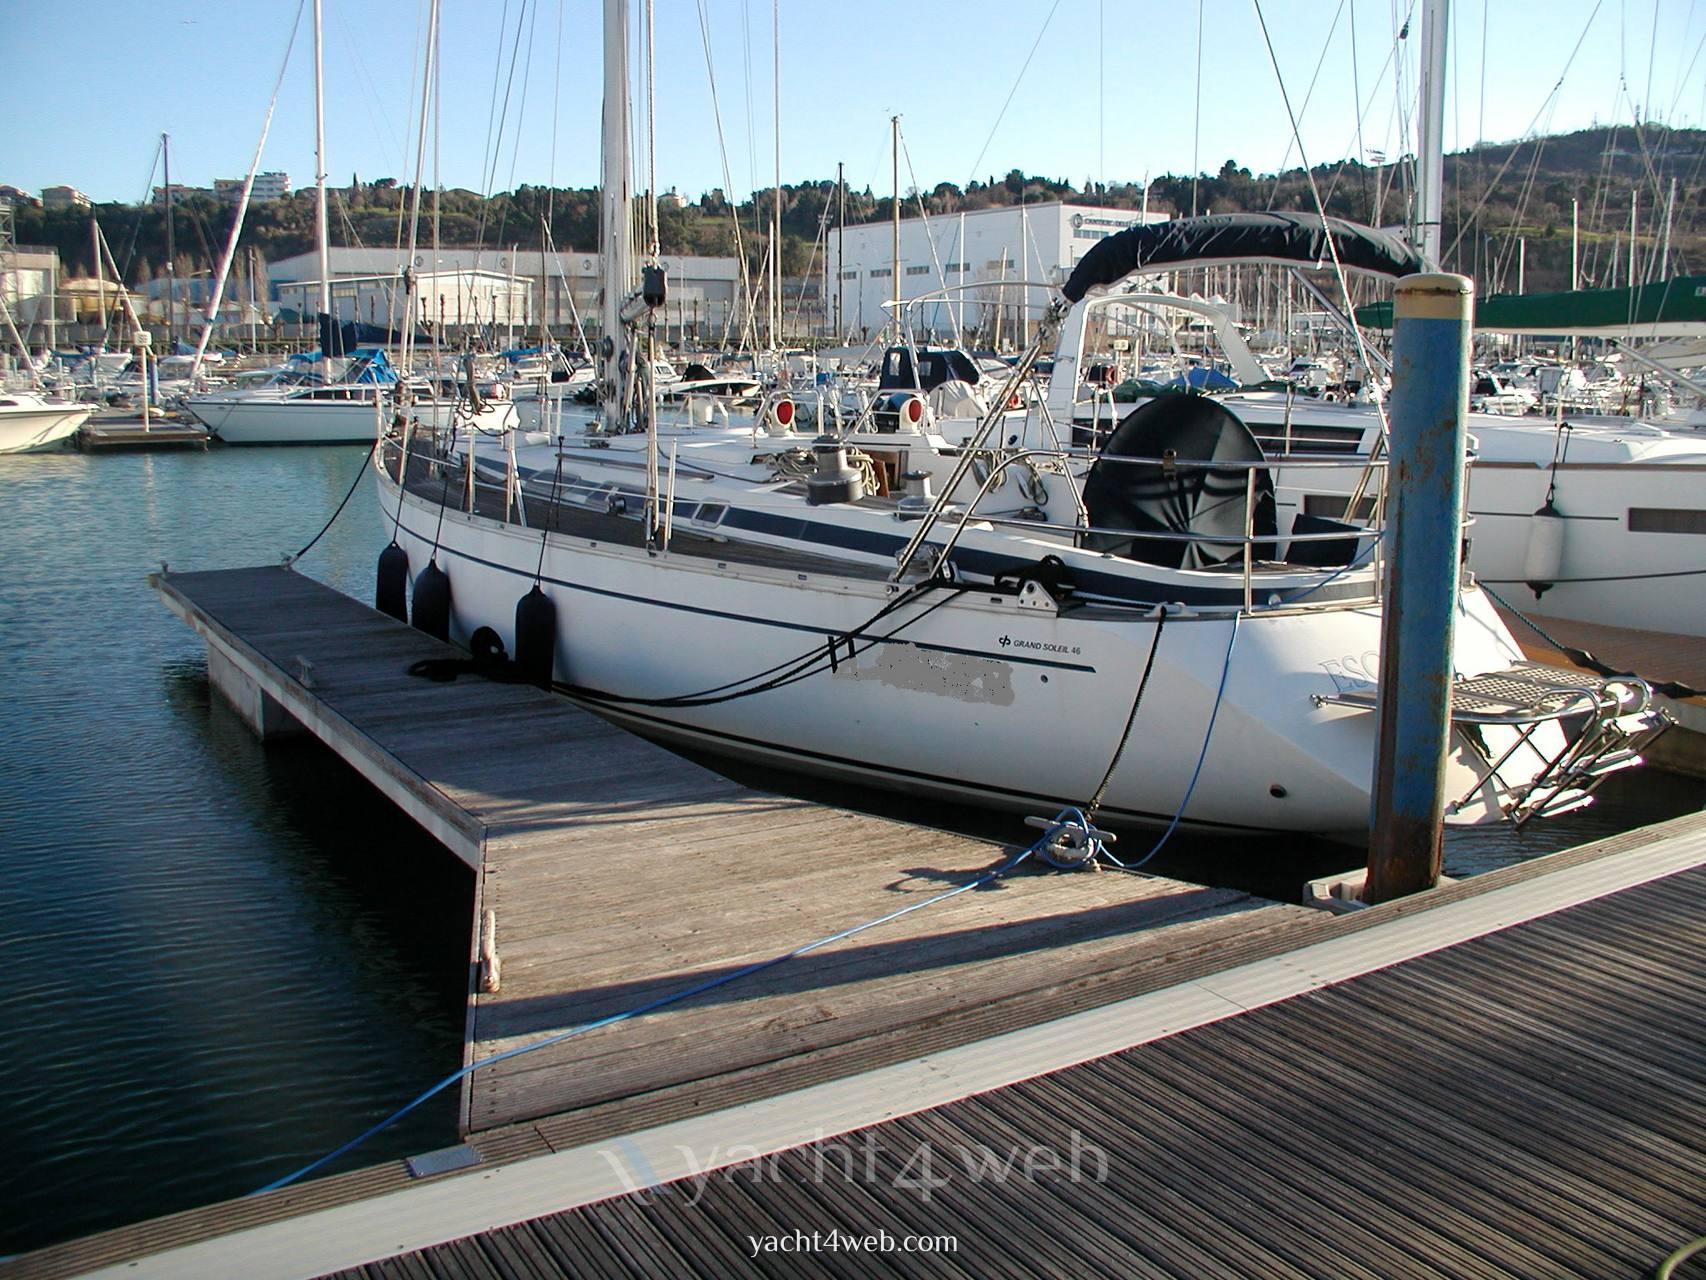 Grand Soleil 46 Barca a vela usata in vendita